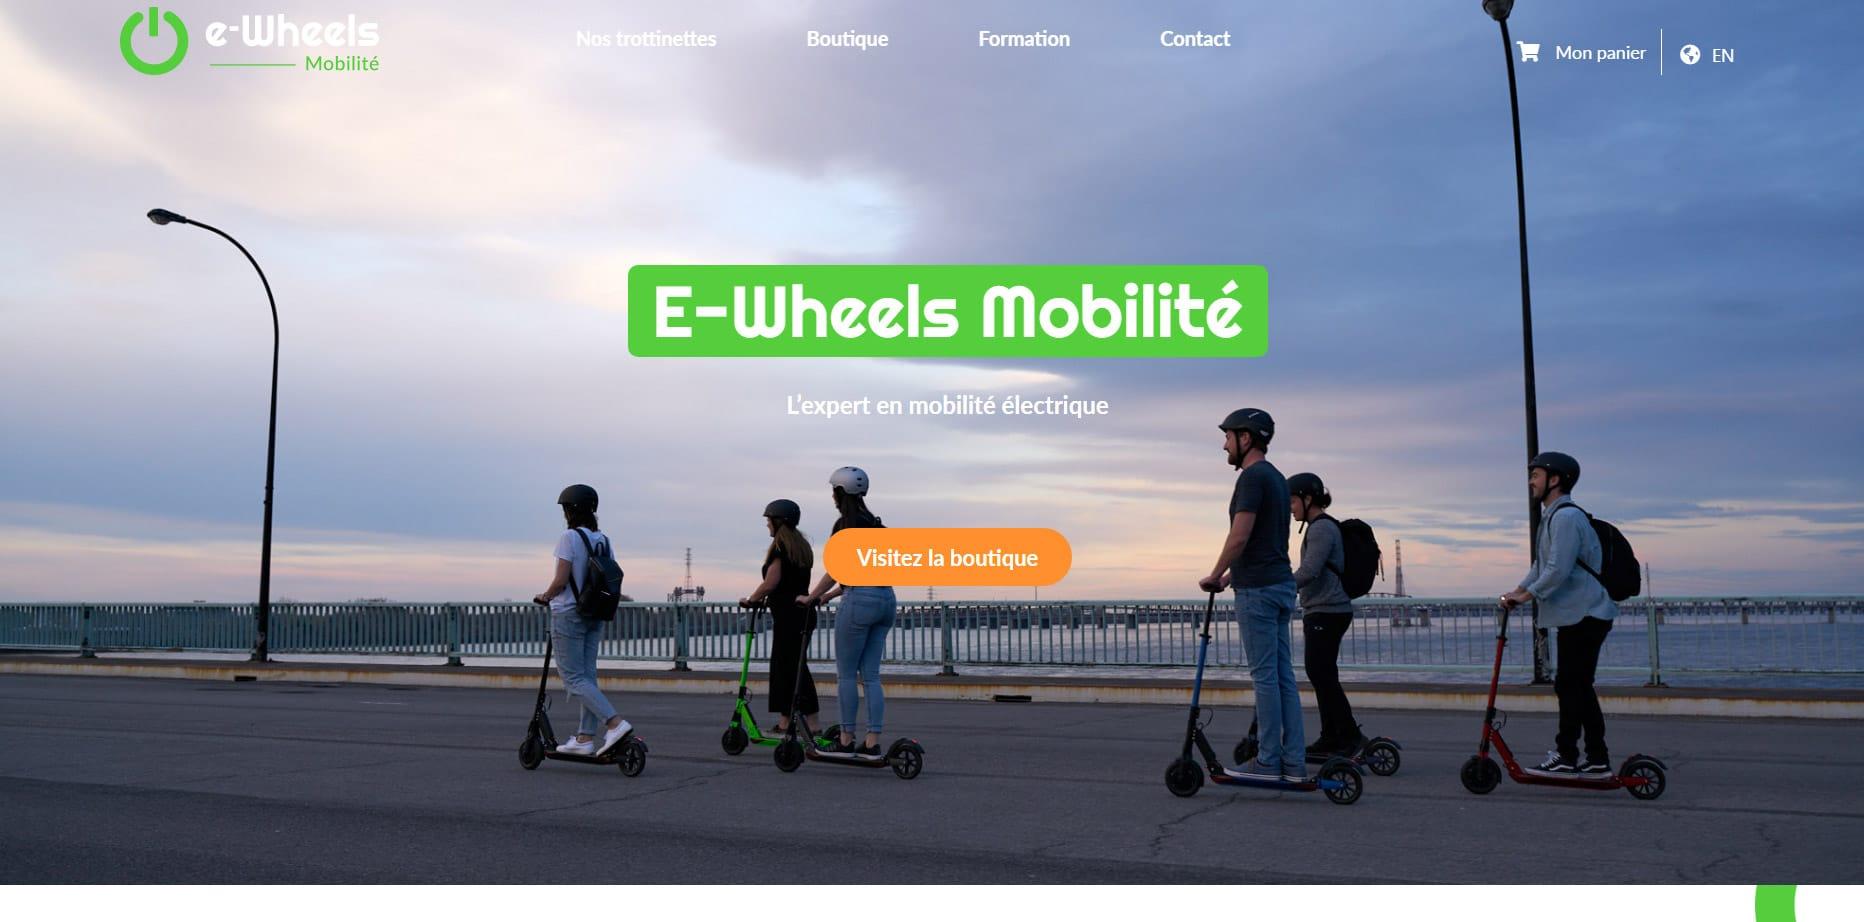 ewheels-1